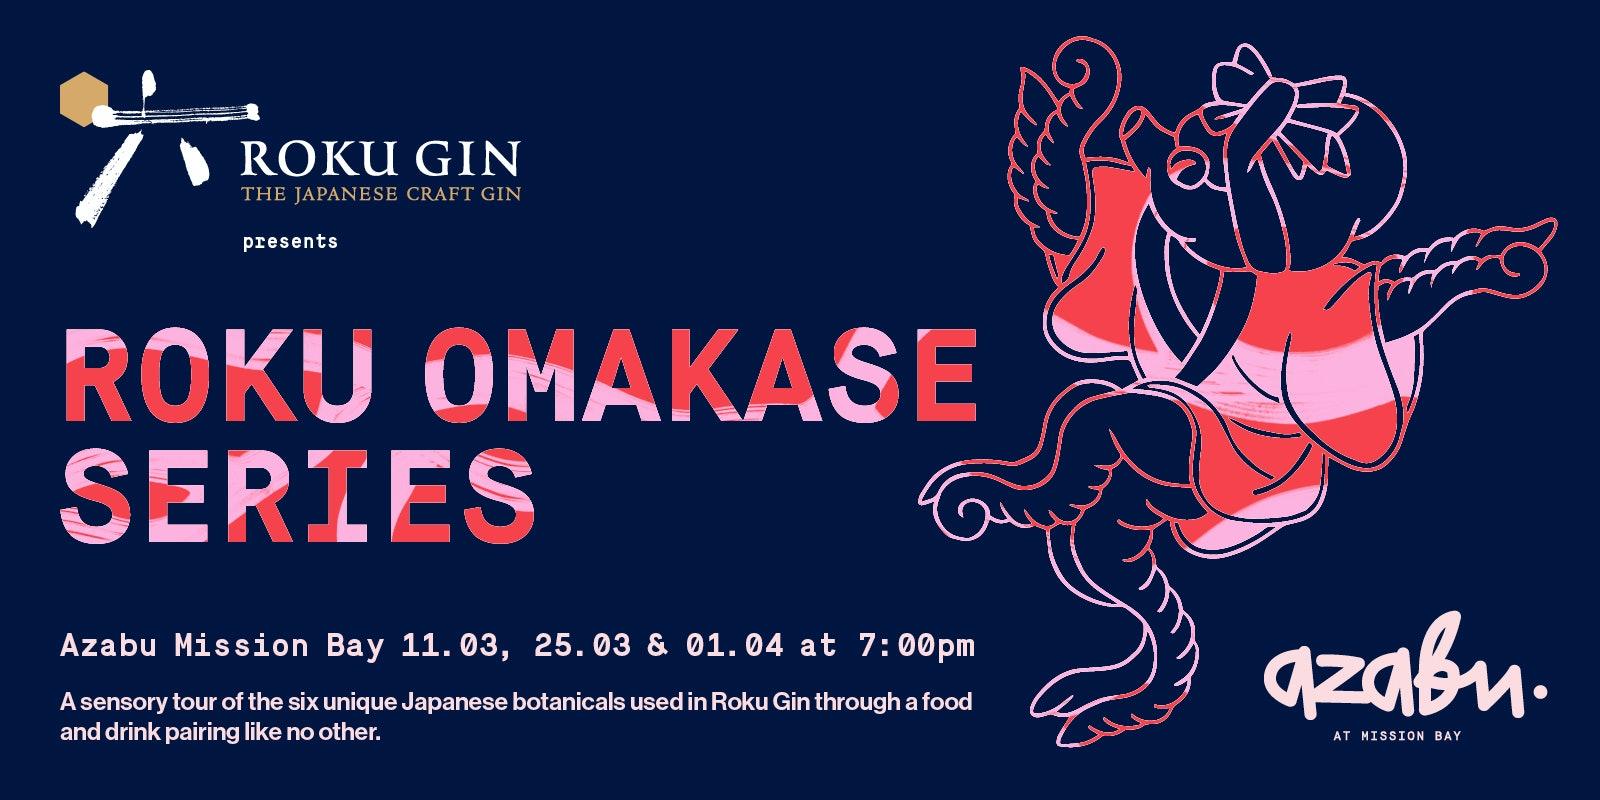 Roku Omakase Dinner